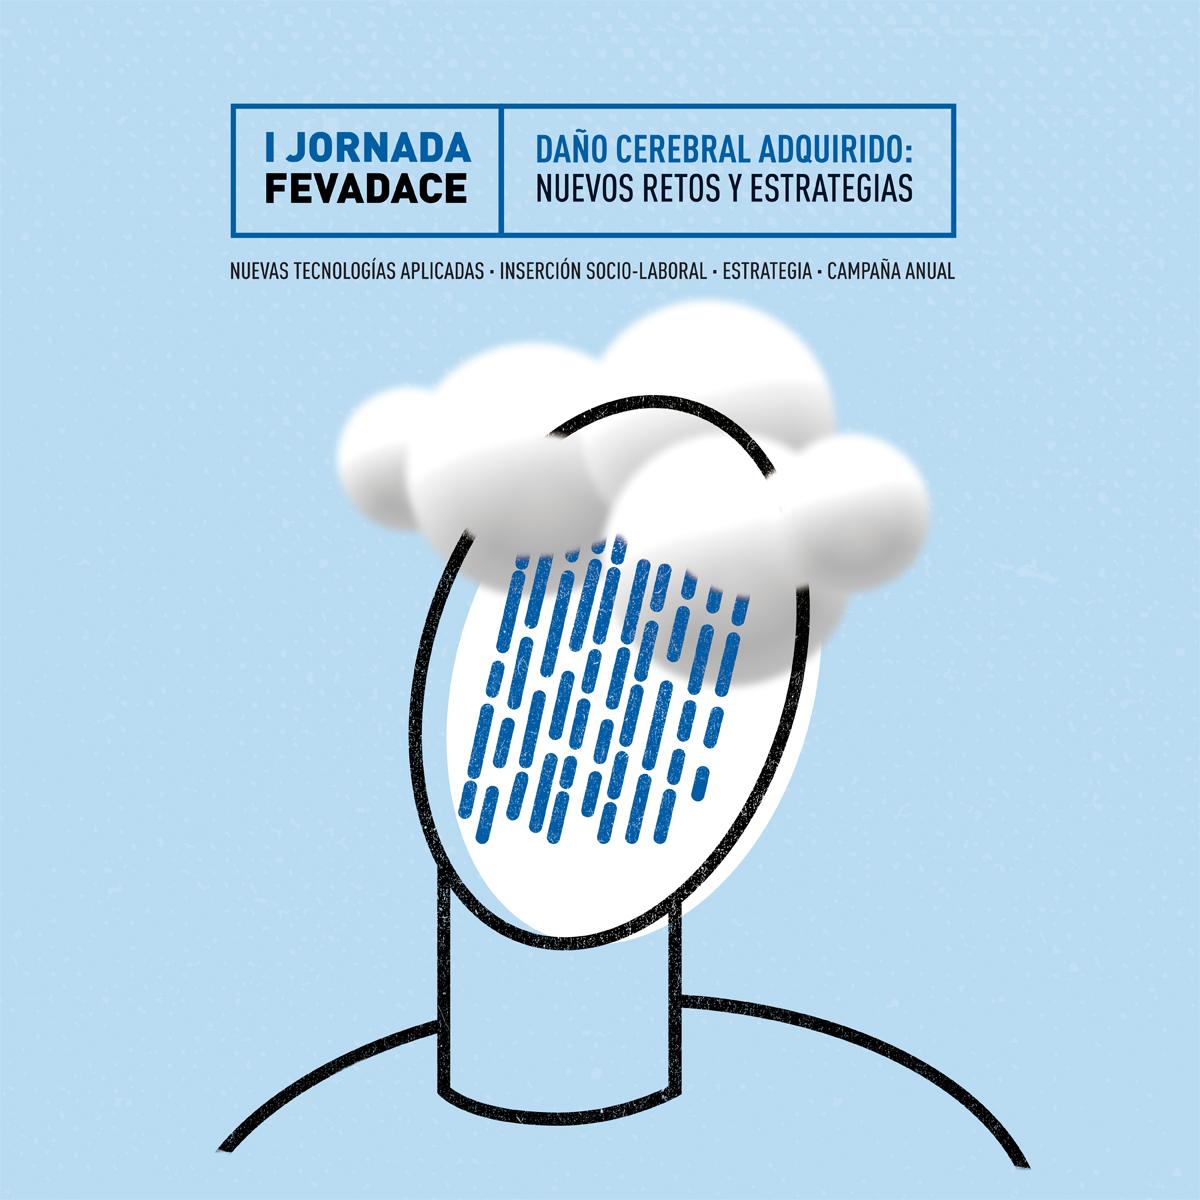 I Jornada FEVADACE. DAÑO CEREBRAL ADQUIRIDO: NUEVOS RETOS Y ESTRATEGIAS